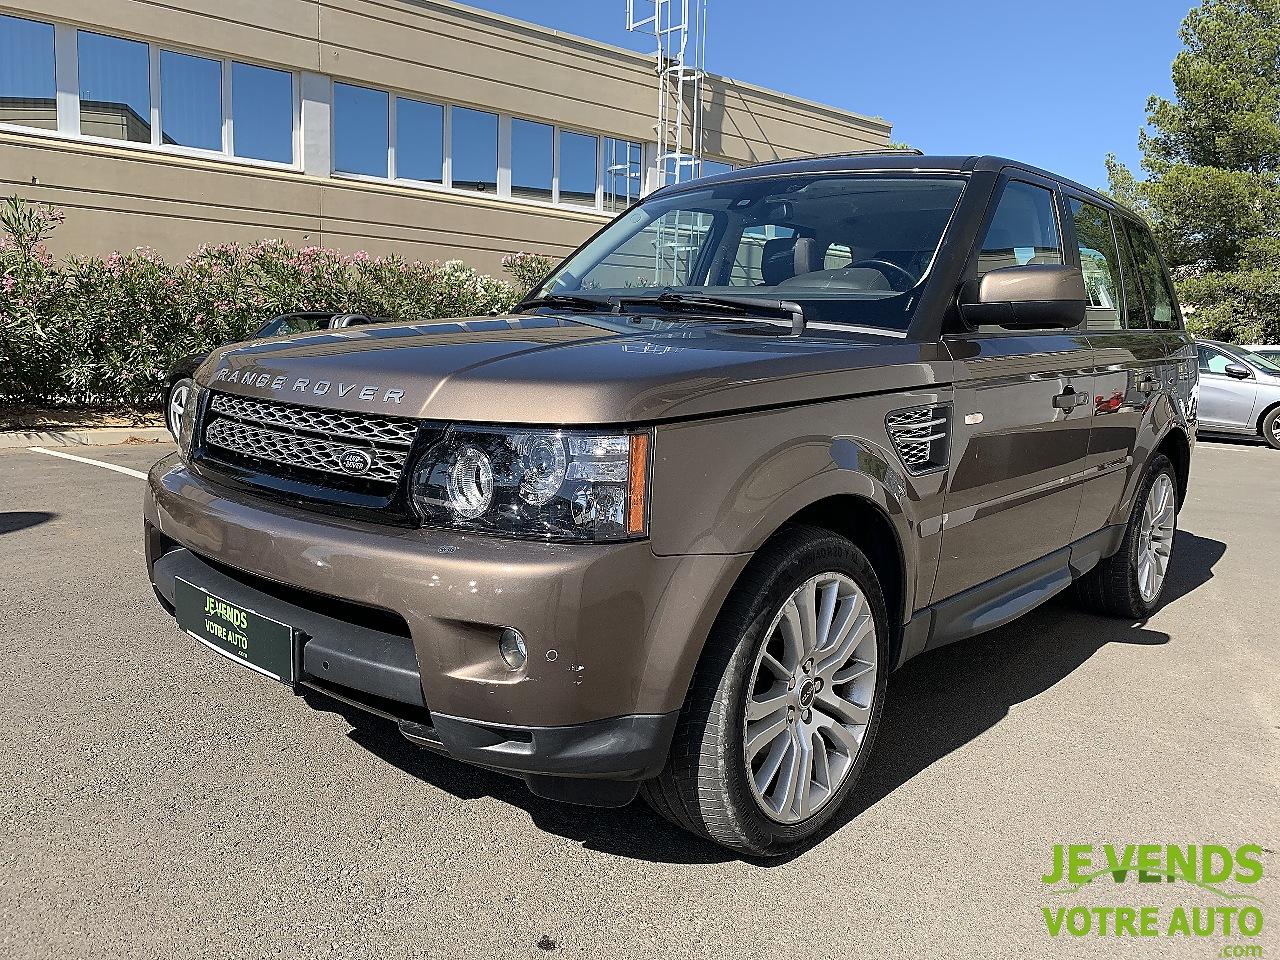 Land-Rover Range Rover SPORT HSE 3.0 SDV6 256 cv MOTEUR NEUF 2012 occasion Saint-Jean-de-Védas 34430